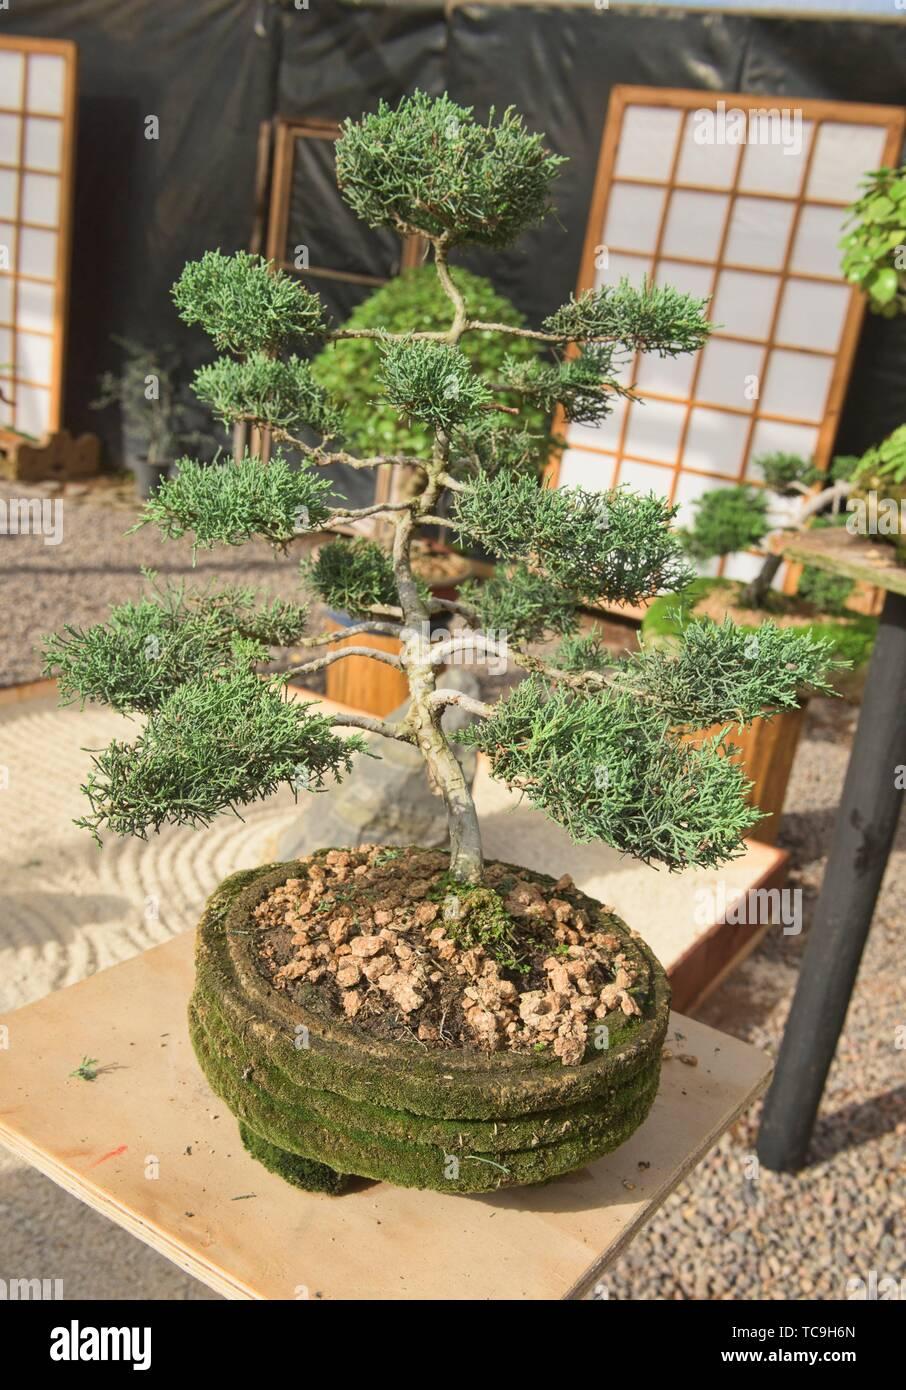 Bonsai en el Jardin de Corazon jardín Japonés, La Serena, Chile. Foto de stock